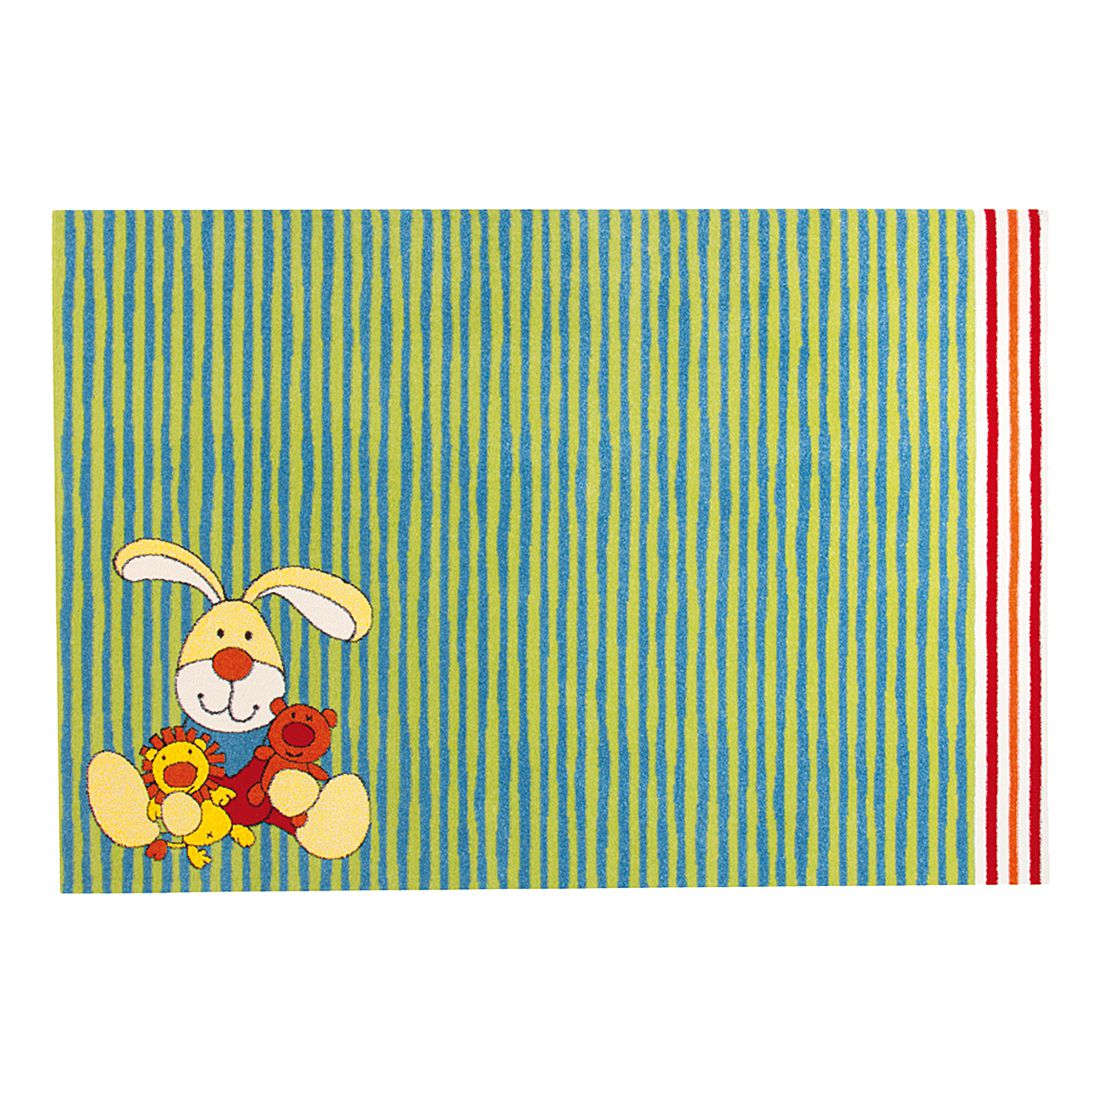 home24 Kinderteppich Semmel Bunny | Kinderzimmer > Textilien für Kinder | Sigikid